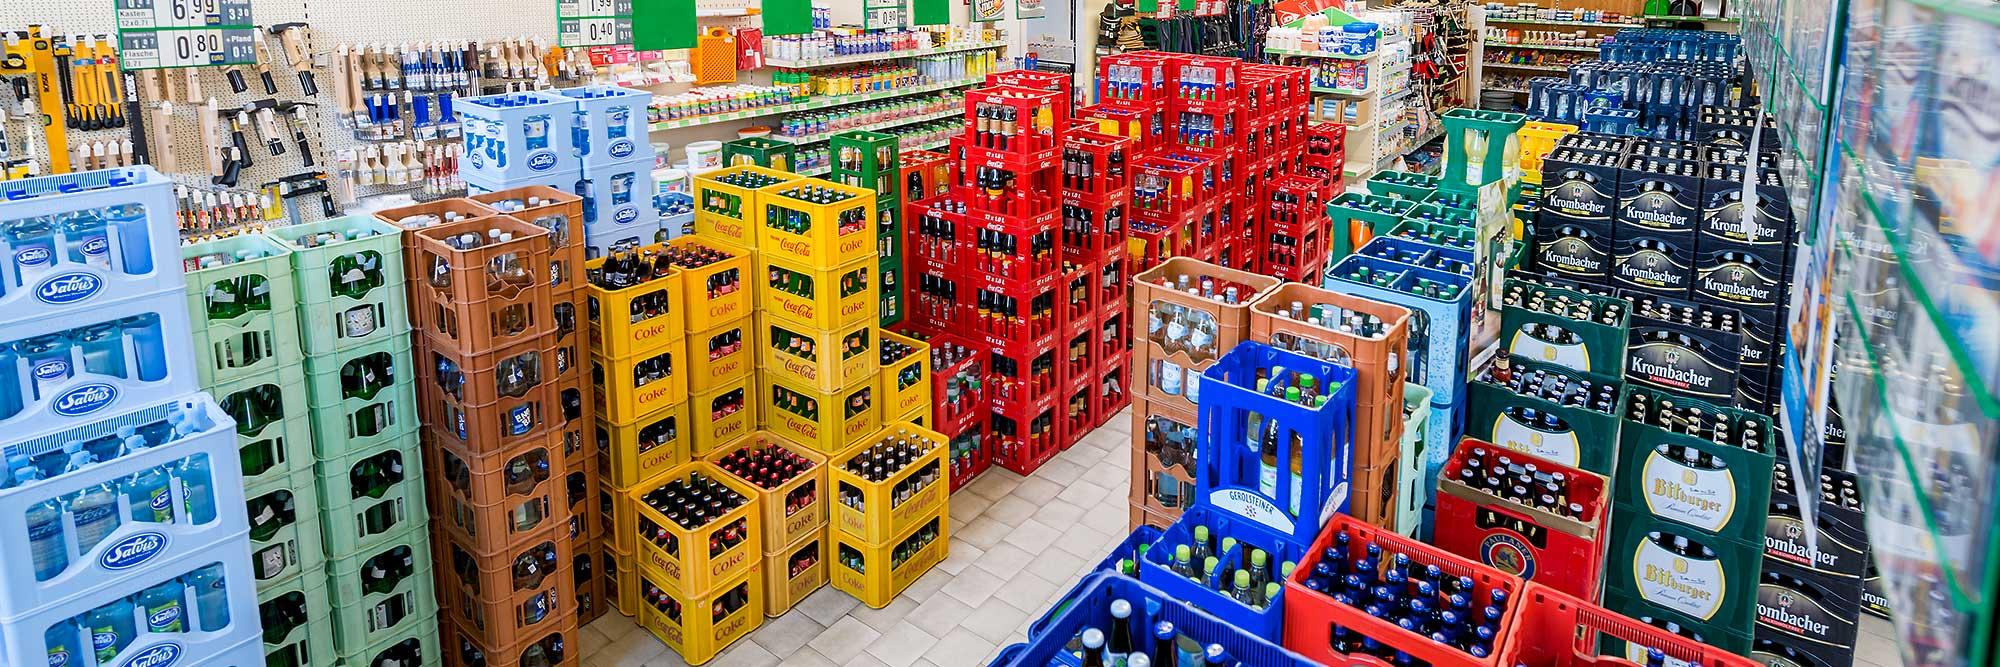 Raiffeisen Markt Rinkerode Getränke